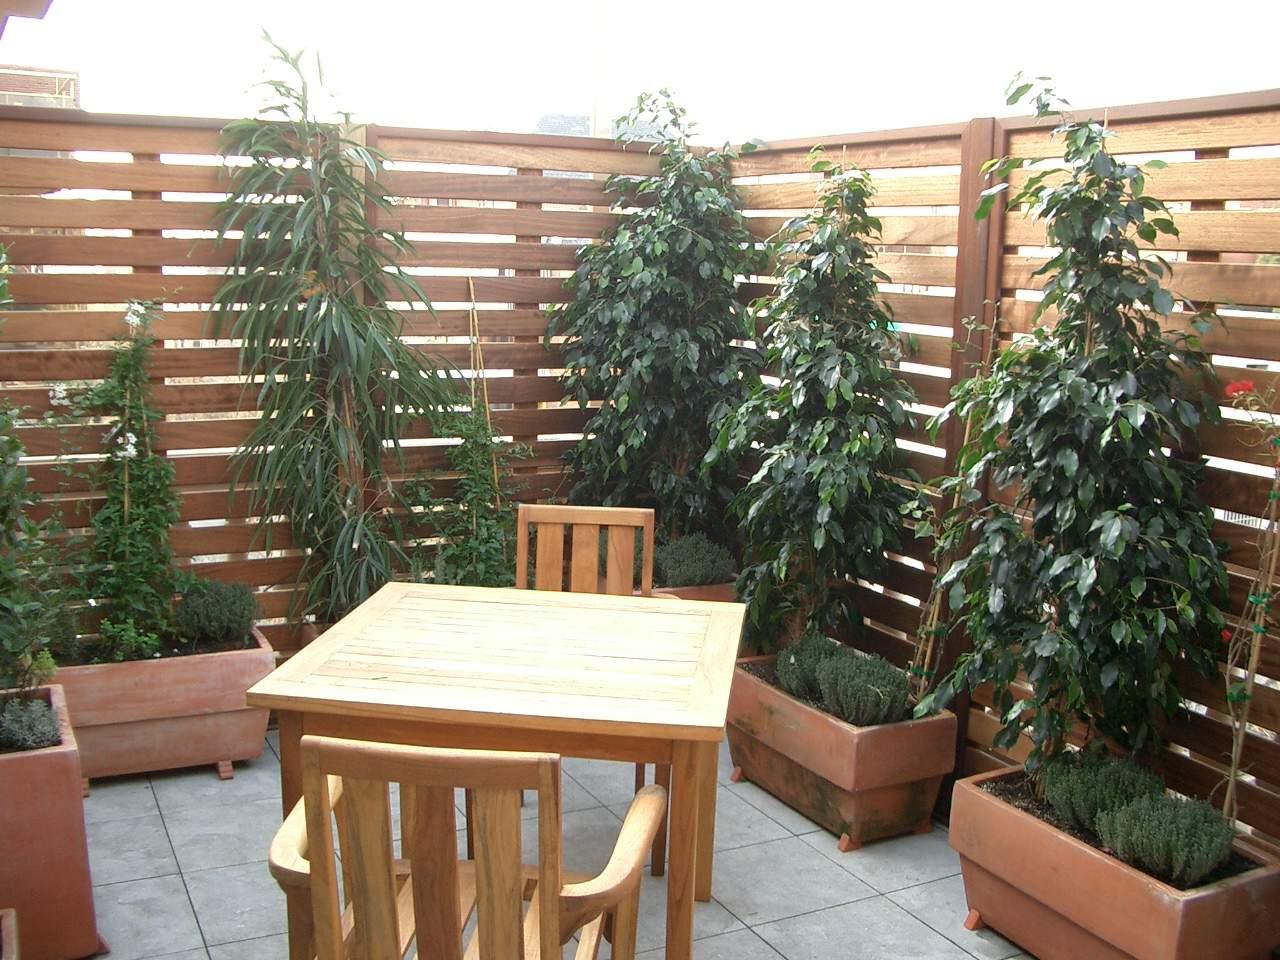 Madera para exterior landshaft empresa de paisajismo for Casita de plastico para jardin